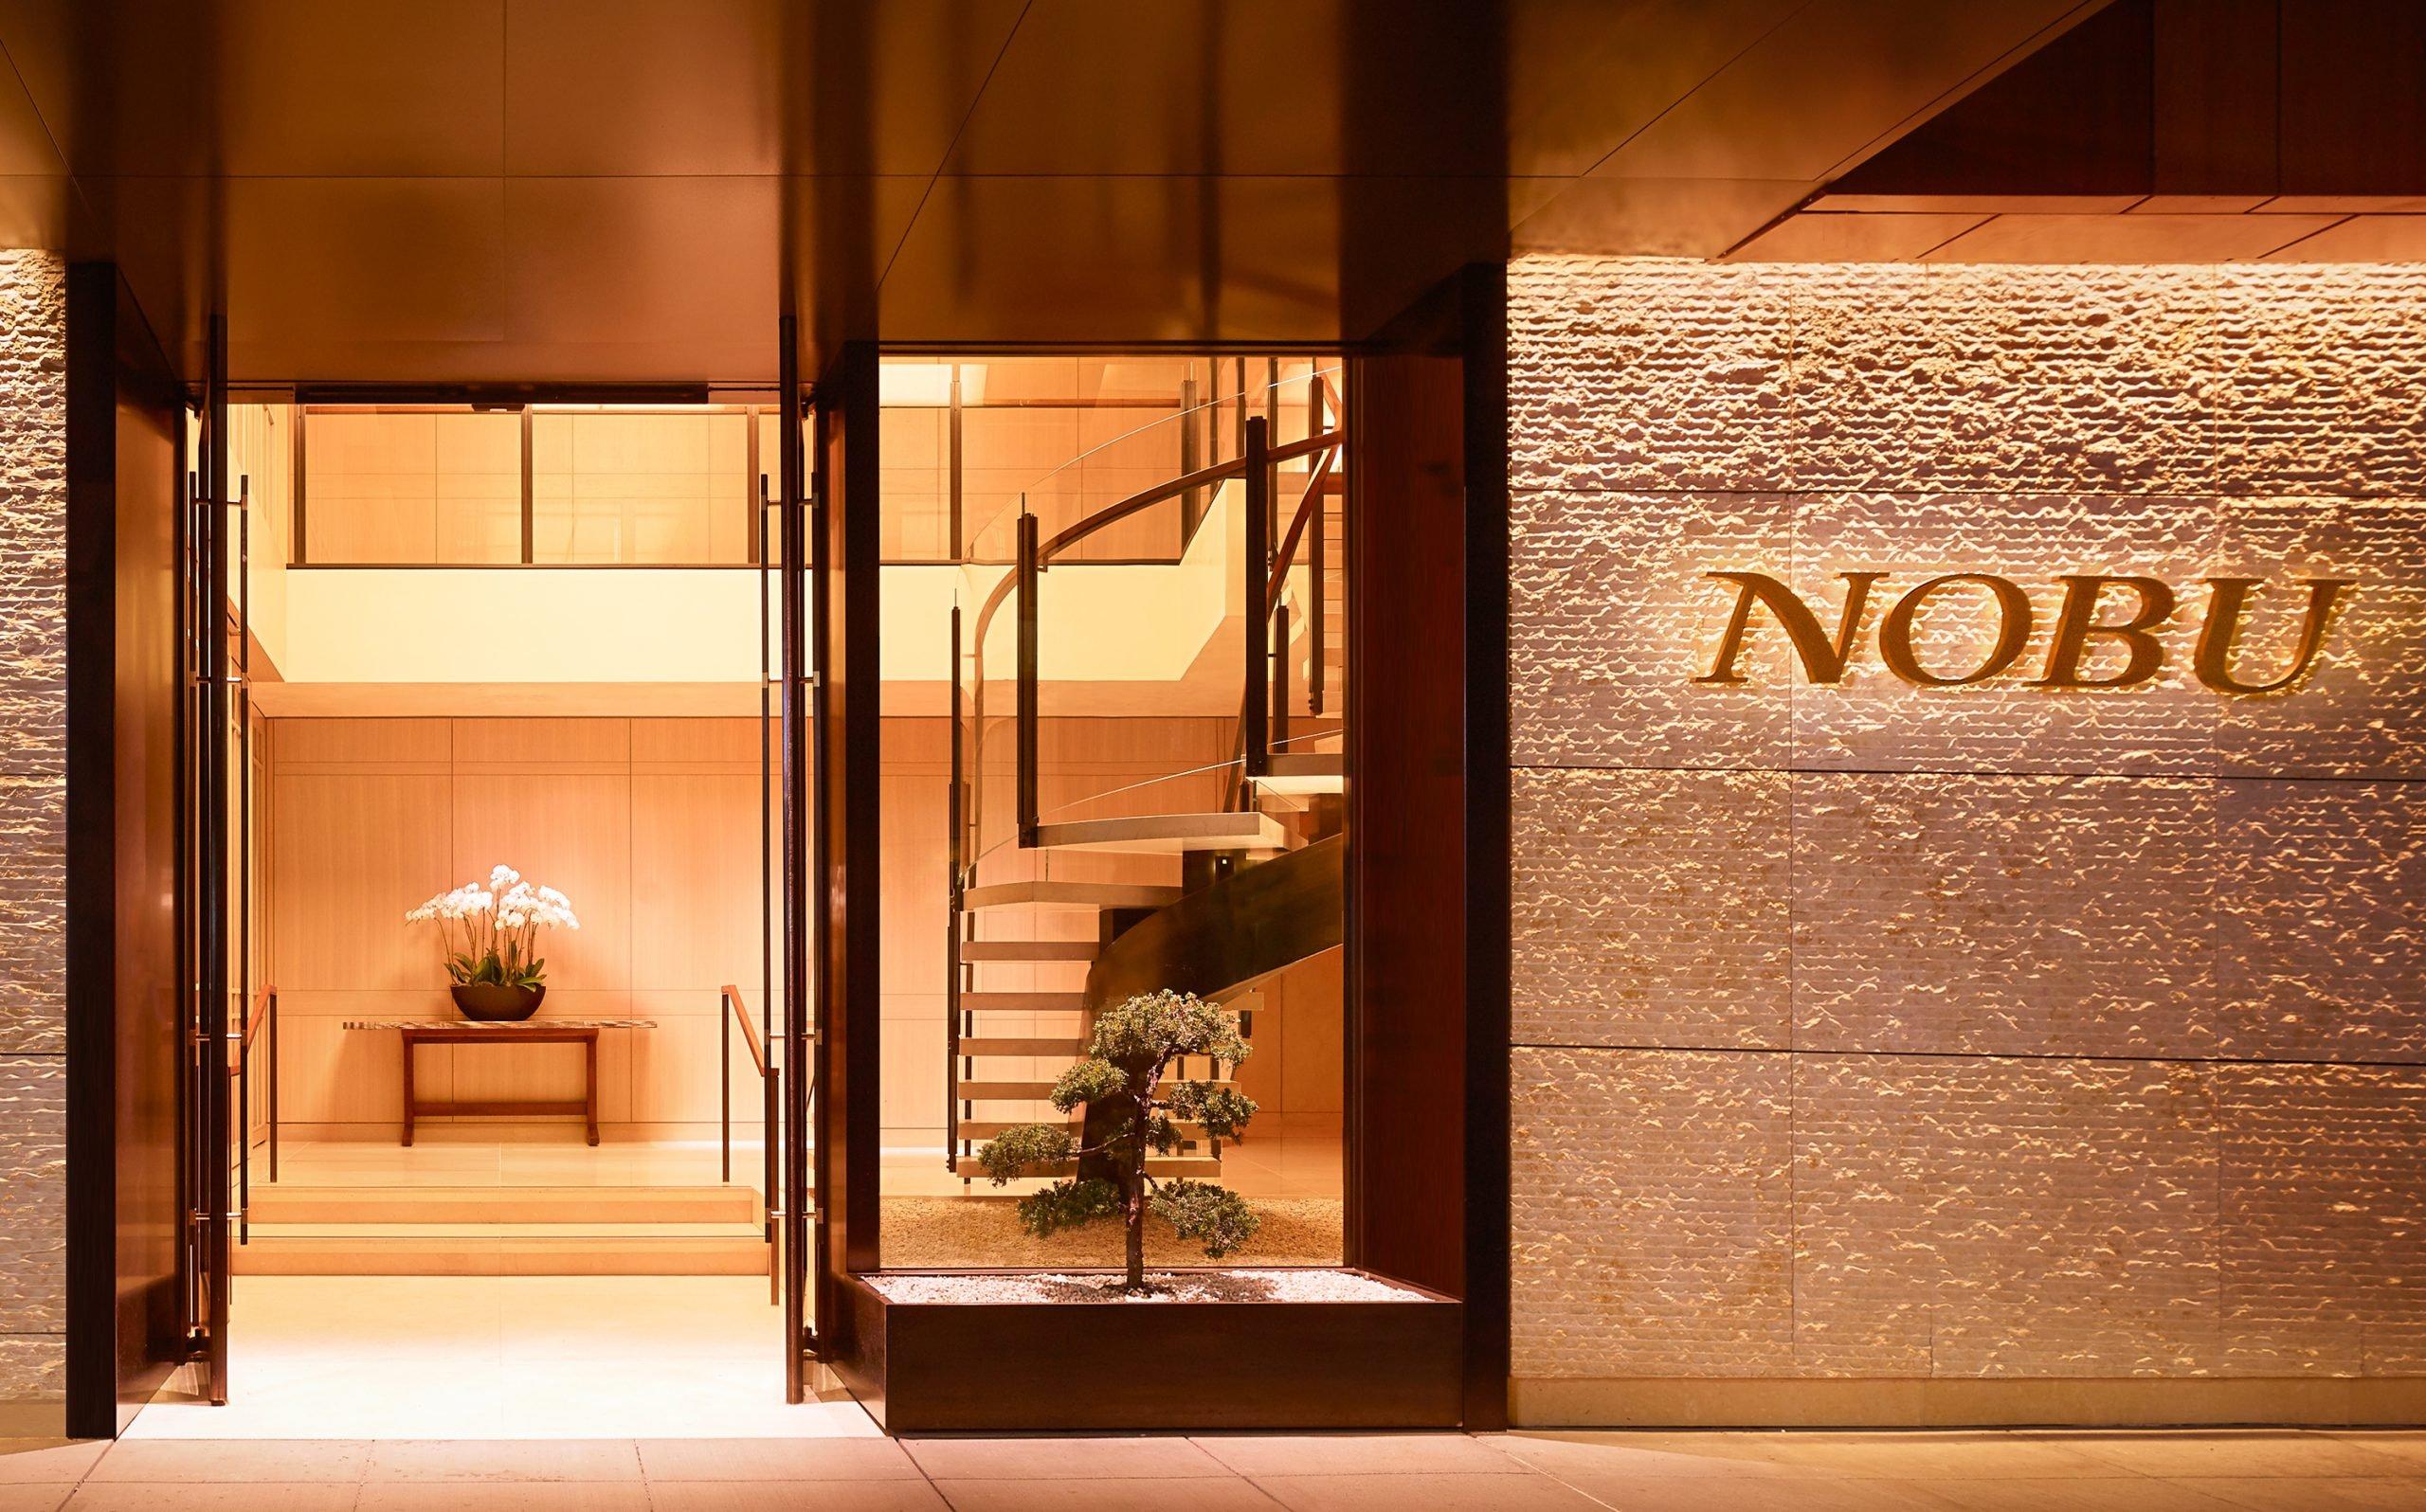 entrance to Nobu hotel